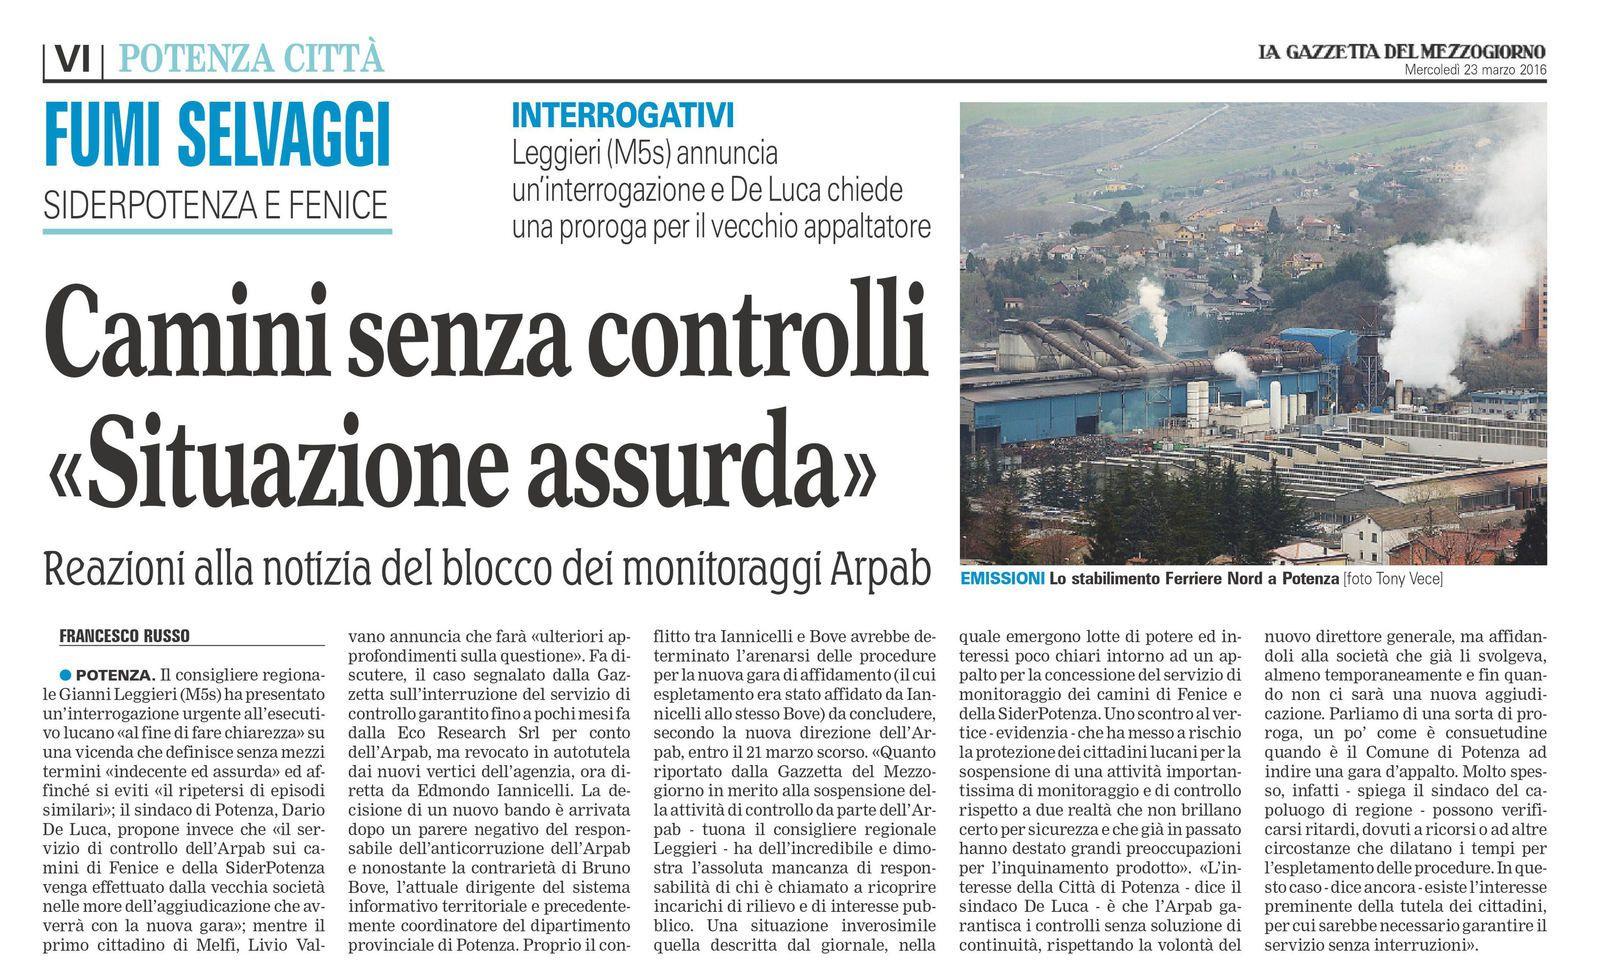 La Gazzetta del Mezzogiorno - ed. 23 marzo 2016